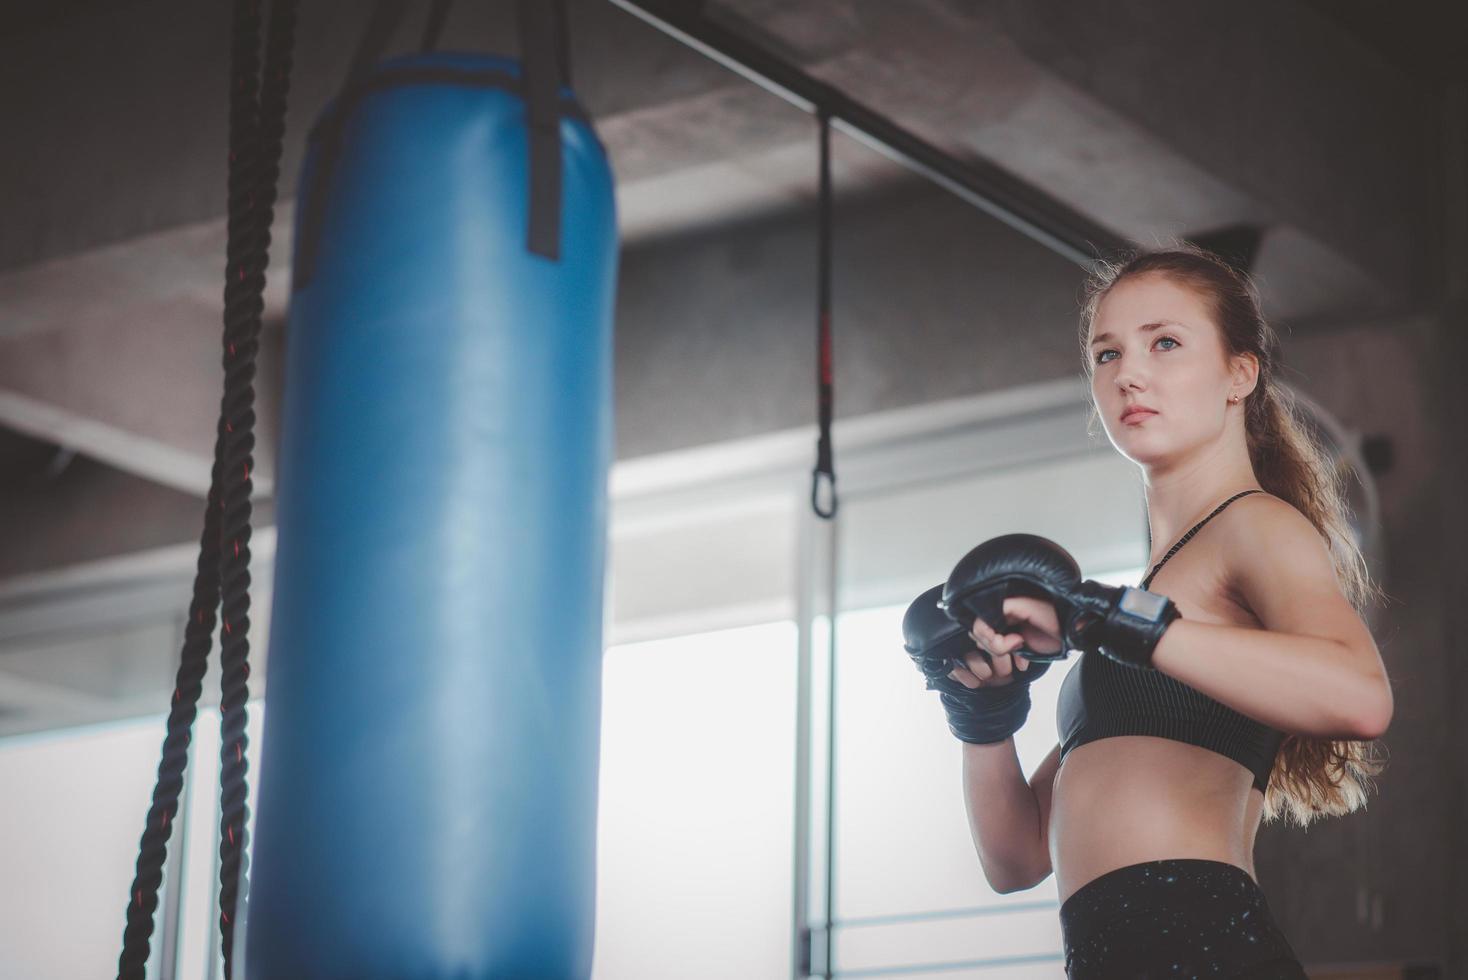 Frauen, die sich darauf vorbereiten, einen Boxsack zu schlagen foto